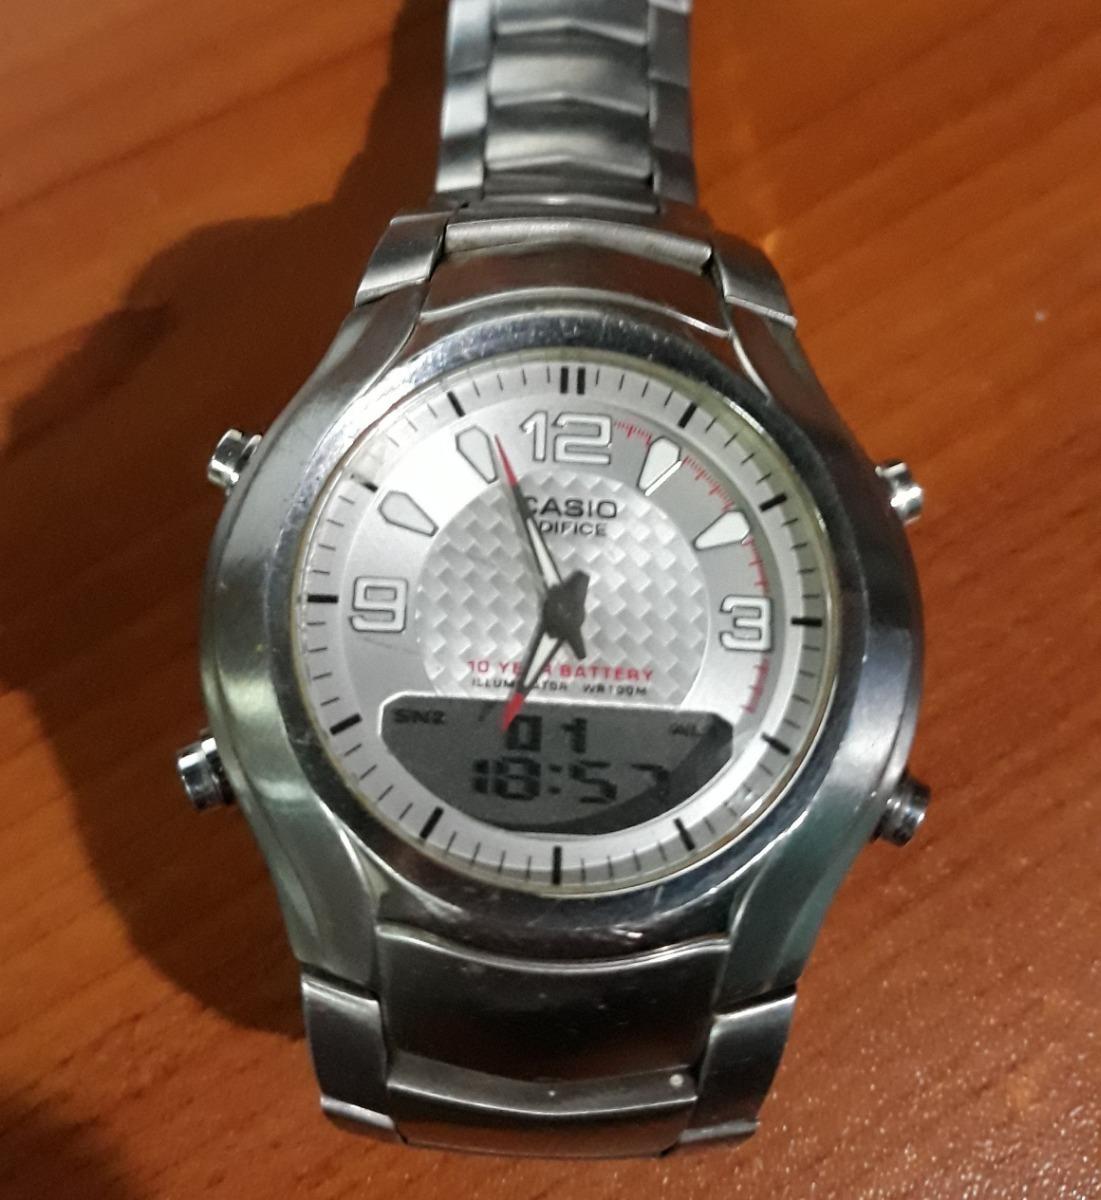 Telememo 3 Cta Reg Alarmas Efa Edifice Crono Reloj Casio 112 n0OPkw